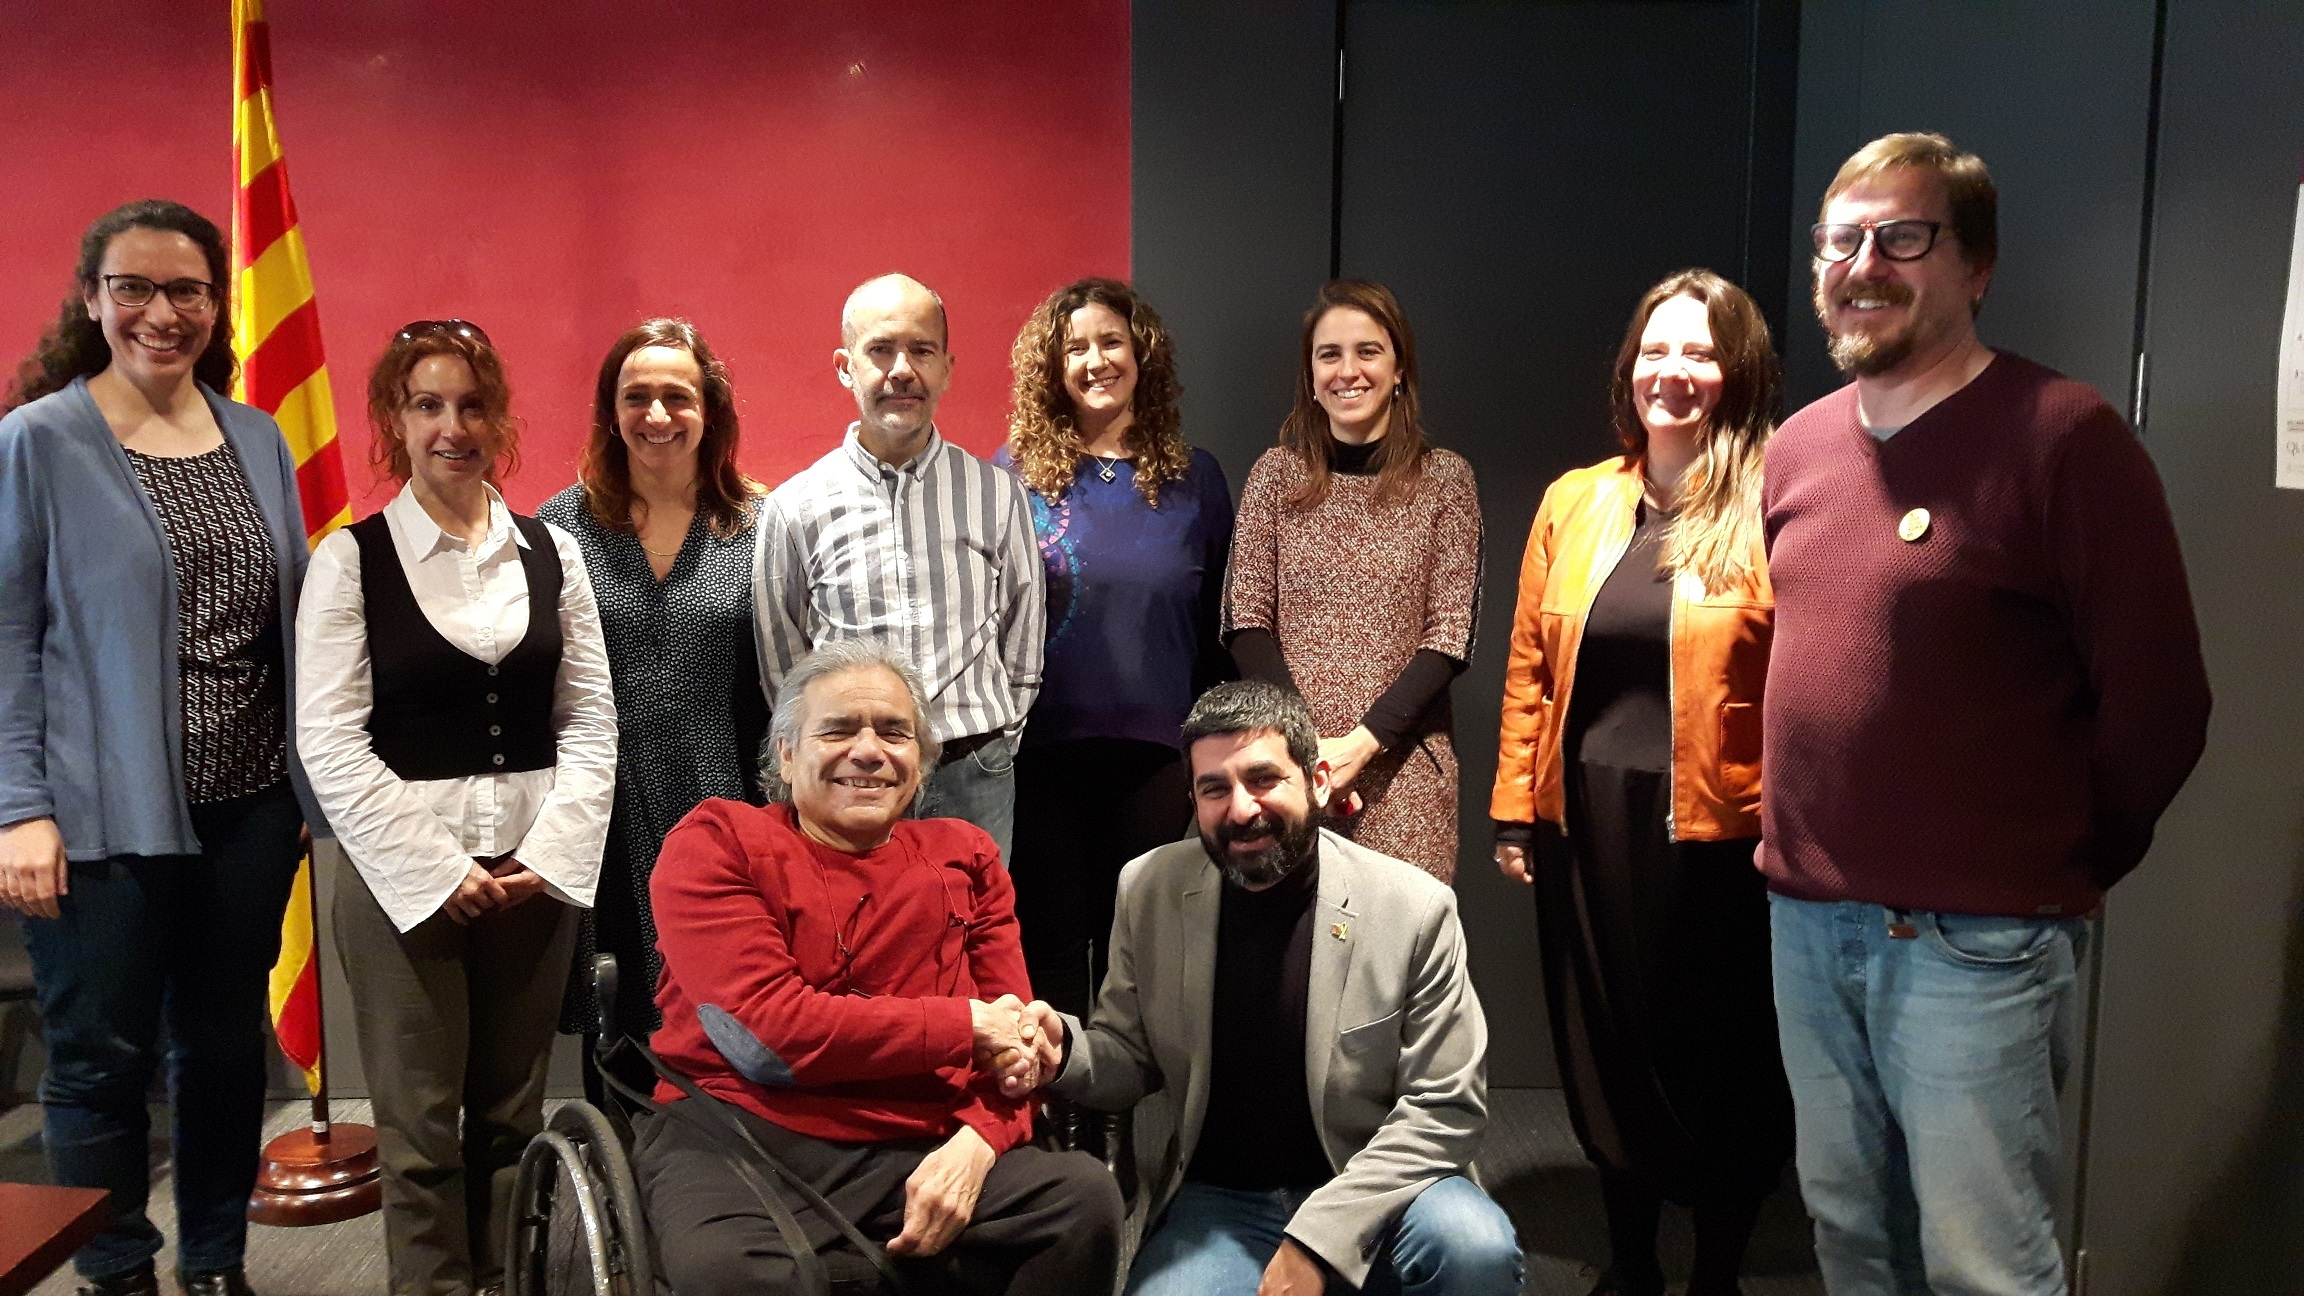 El COCARMI i el departament de Treball, Afers Socials i Famílies signen un acord sense precedents per a la inserció laboral de les persones amb discapacitat